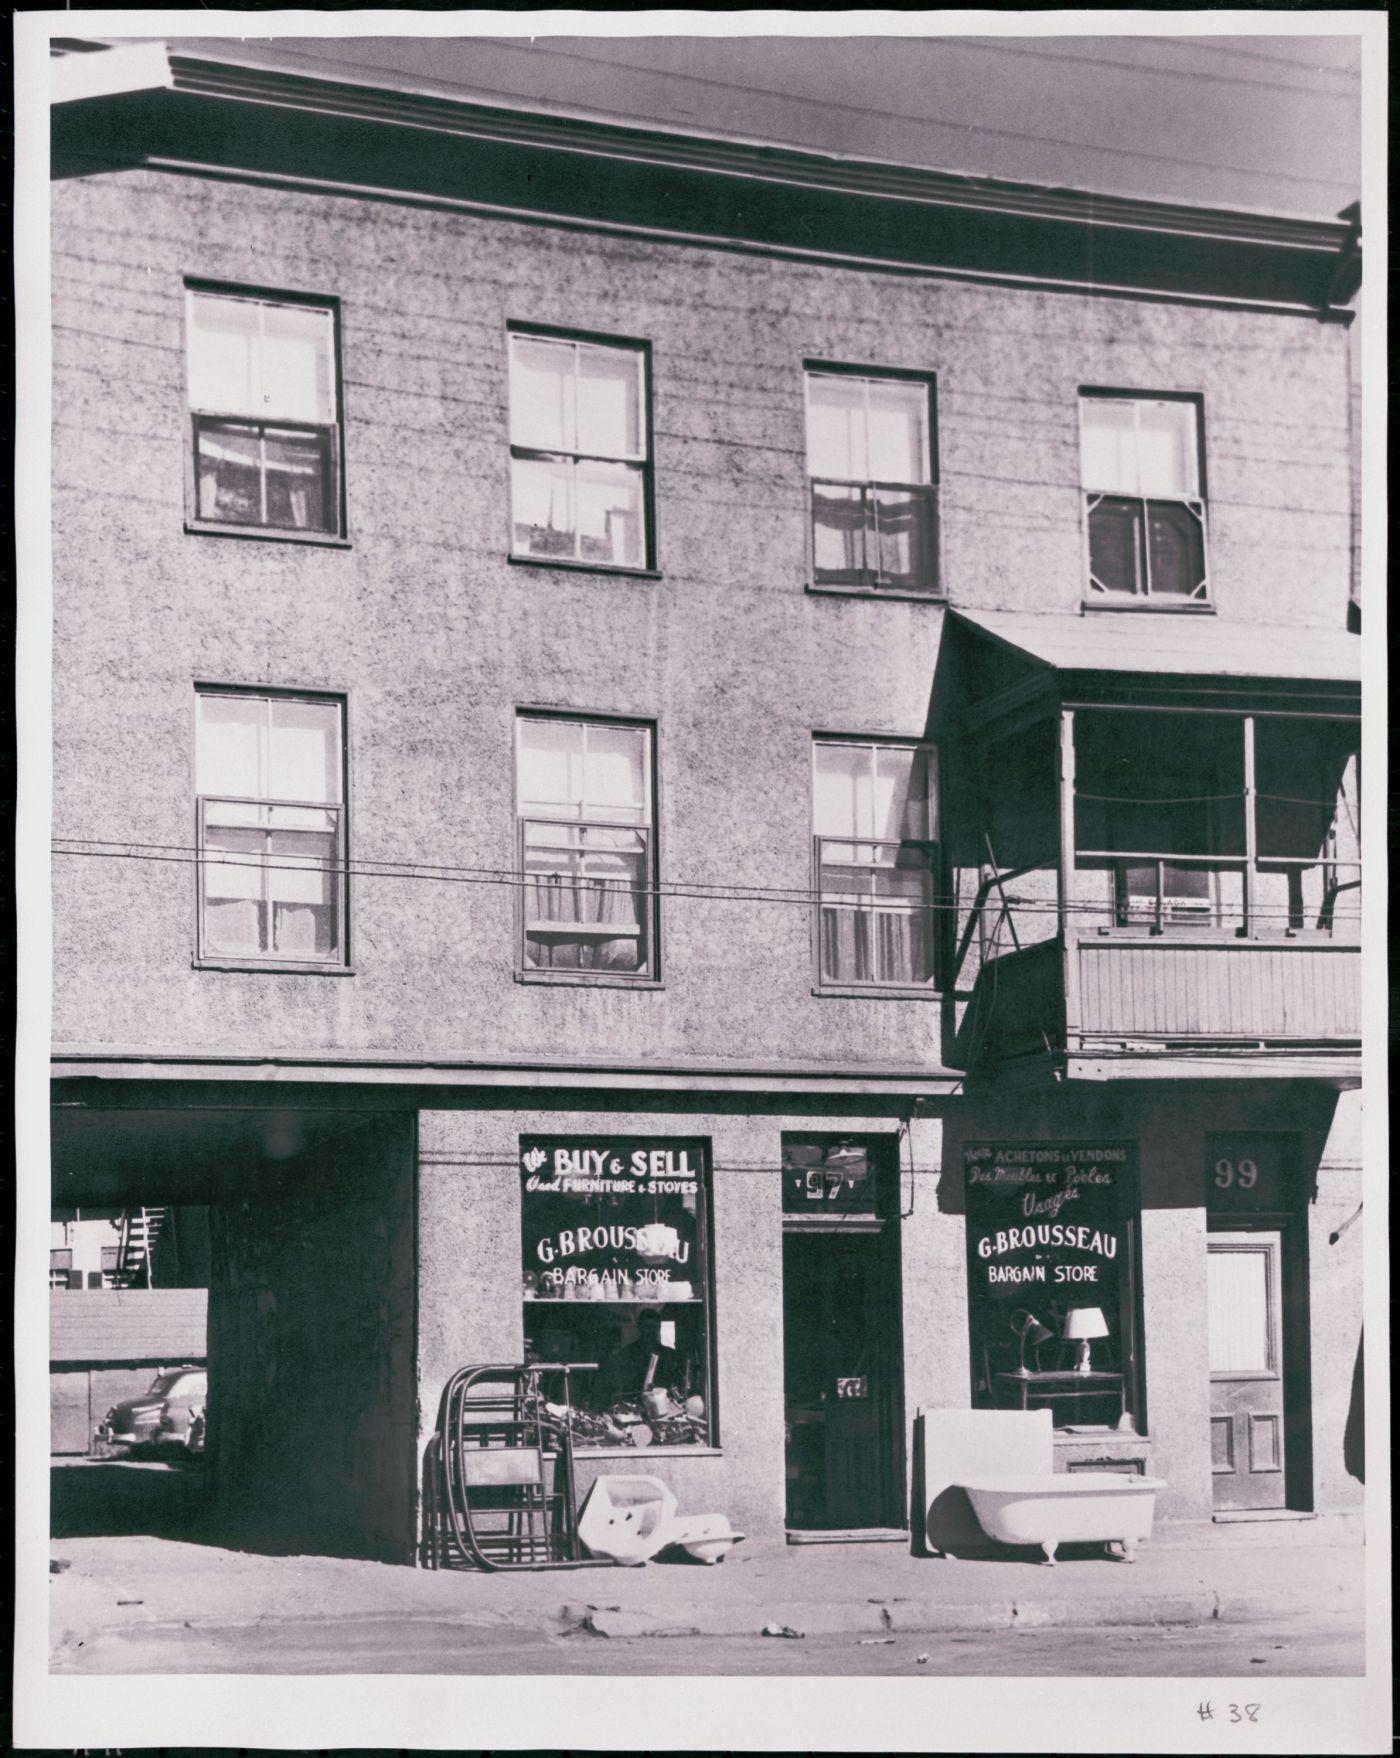 Photographie en noir et blanc d'un édifice à trois étages en stuc, avec un balcon au premier étage. Au rez-de-chaussée, un magasin d'objets usagés avec affichage bilingue à la devanture. Un passage permet d'accéder au stationnement à l'arrière de l'édifice.